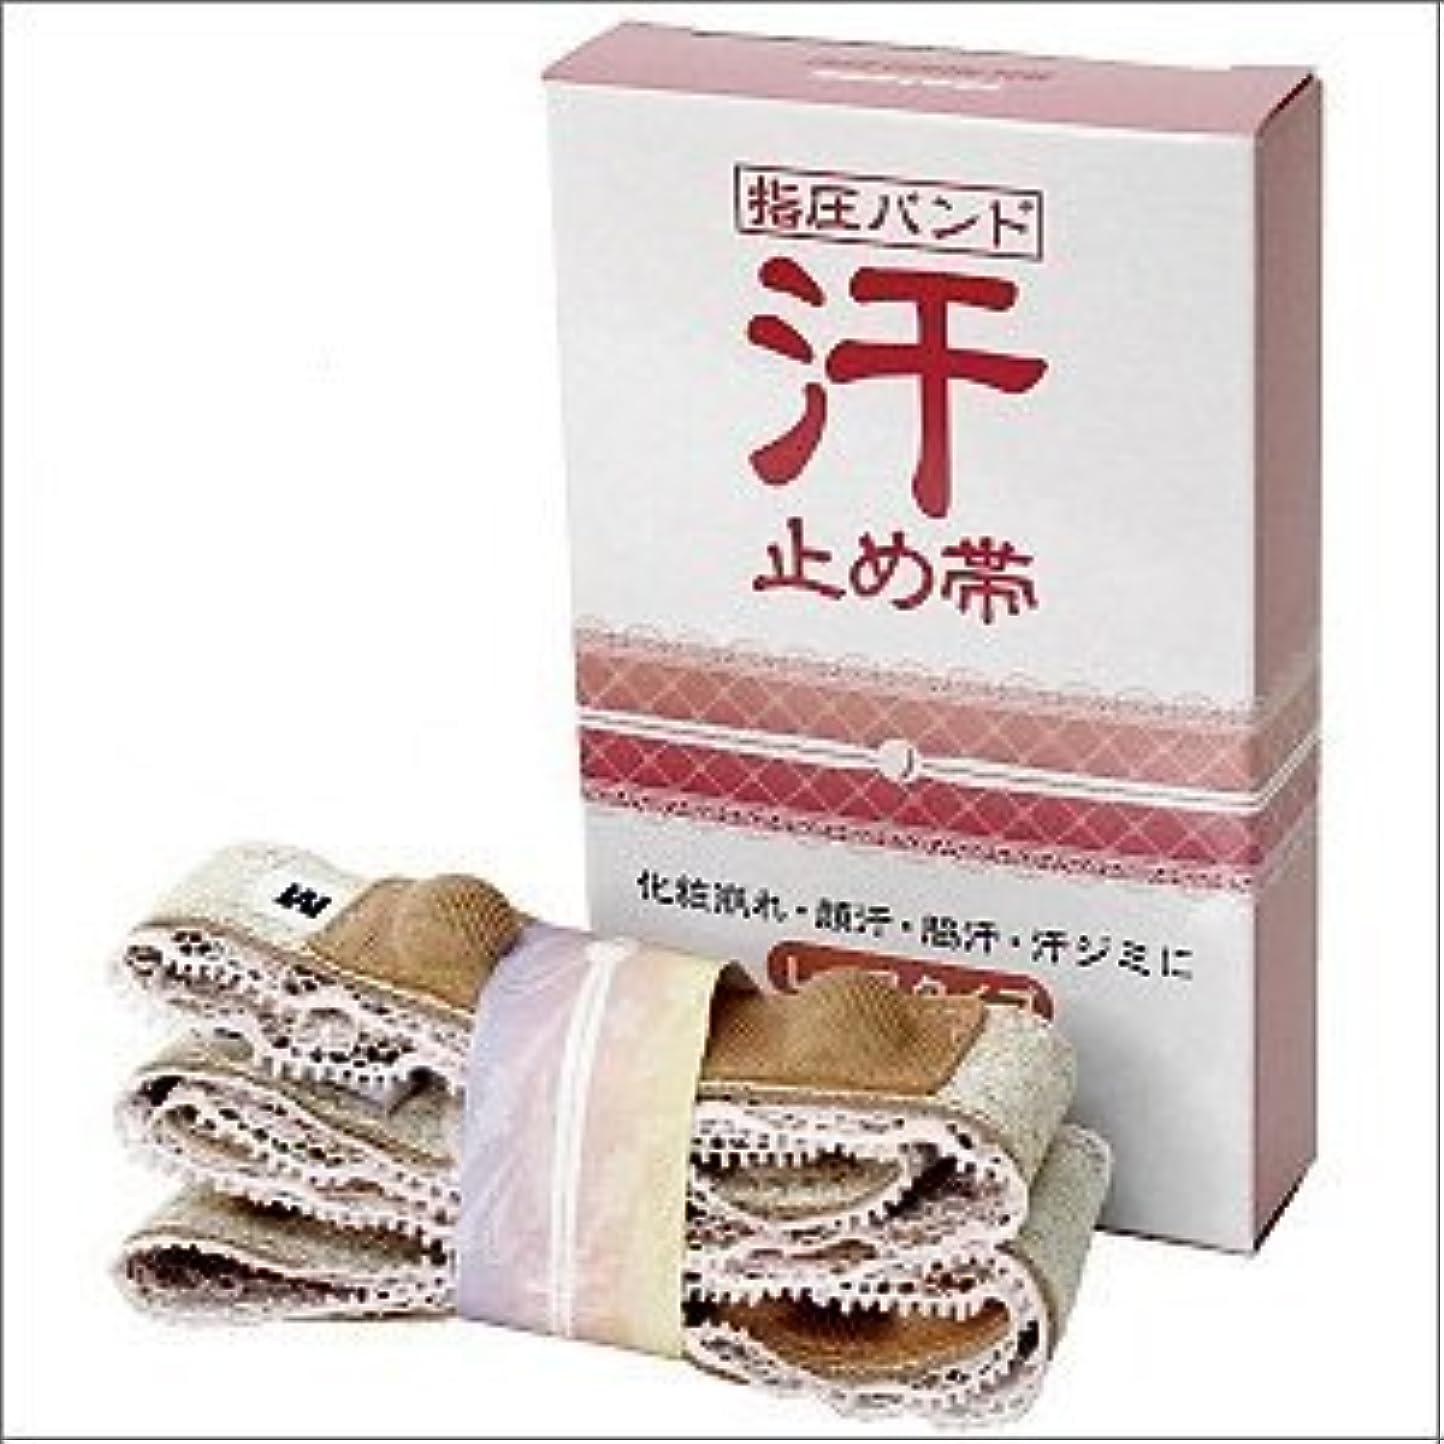 累積レイプ理容室汗止め帯 レースタイプ (XL(1050~1150mm), ピンク)